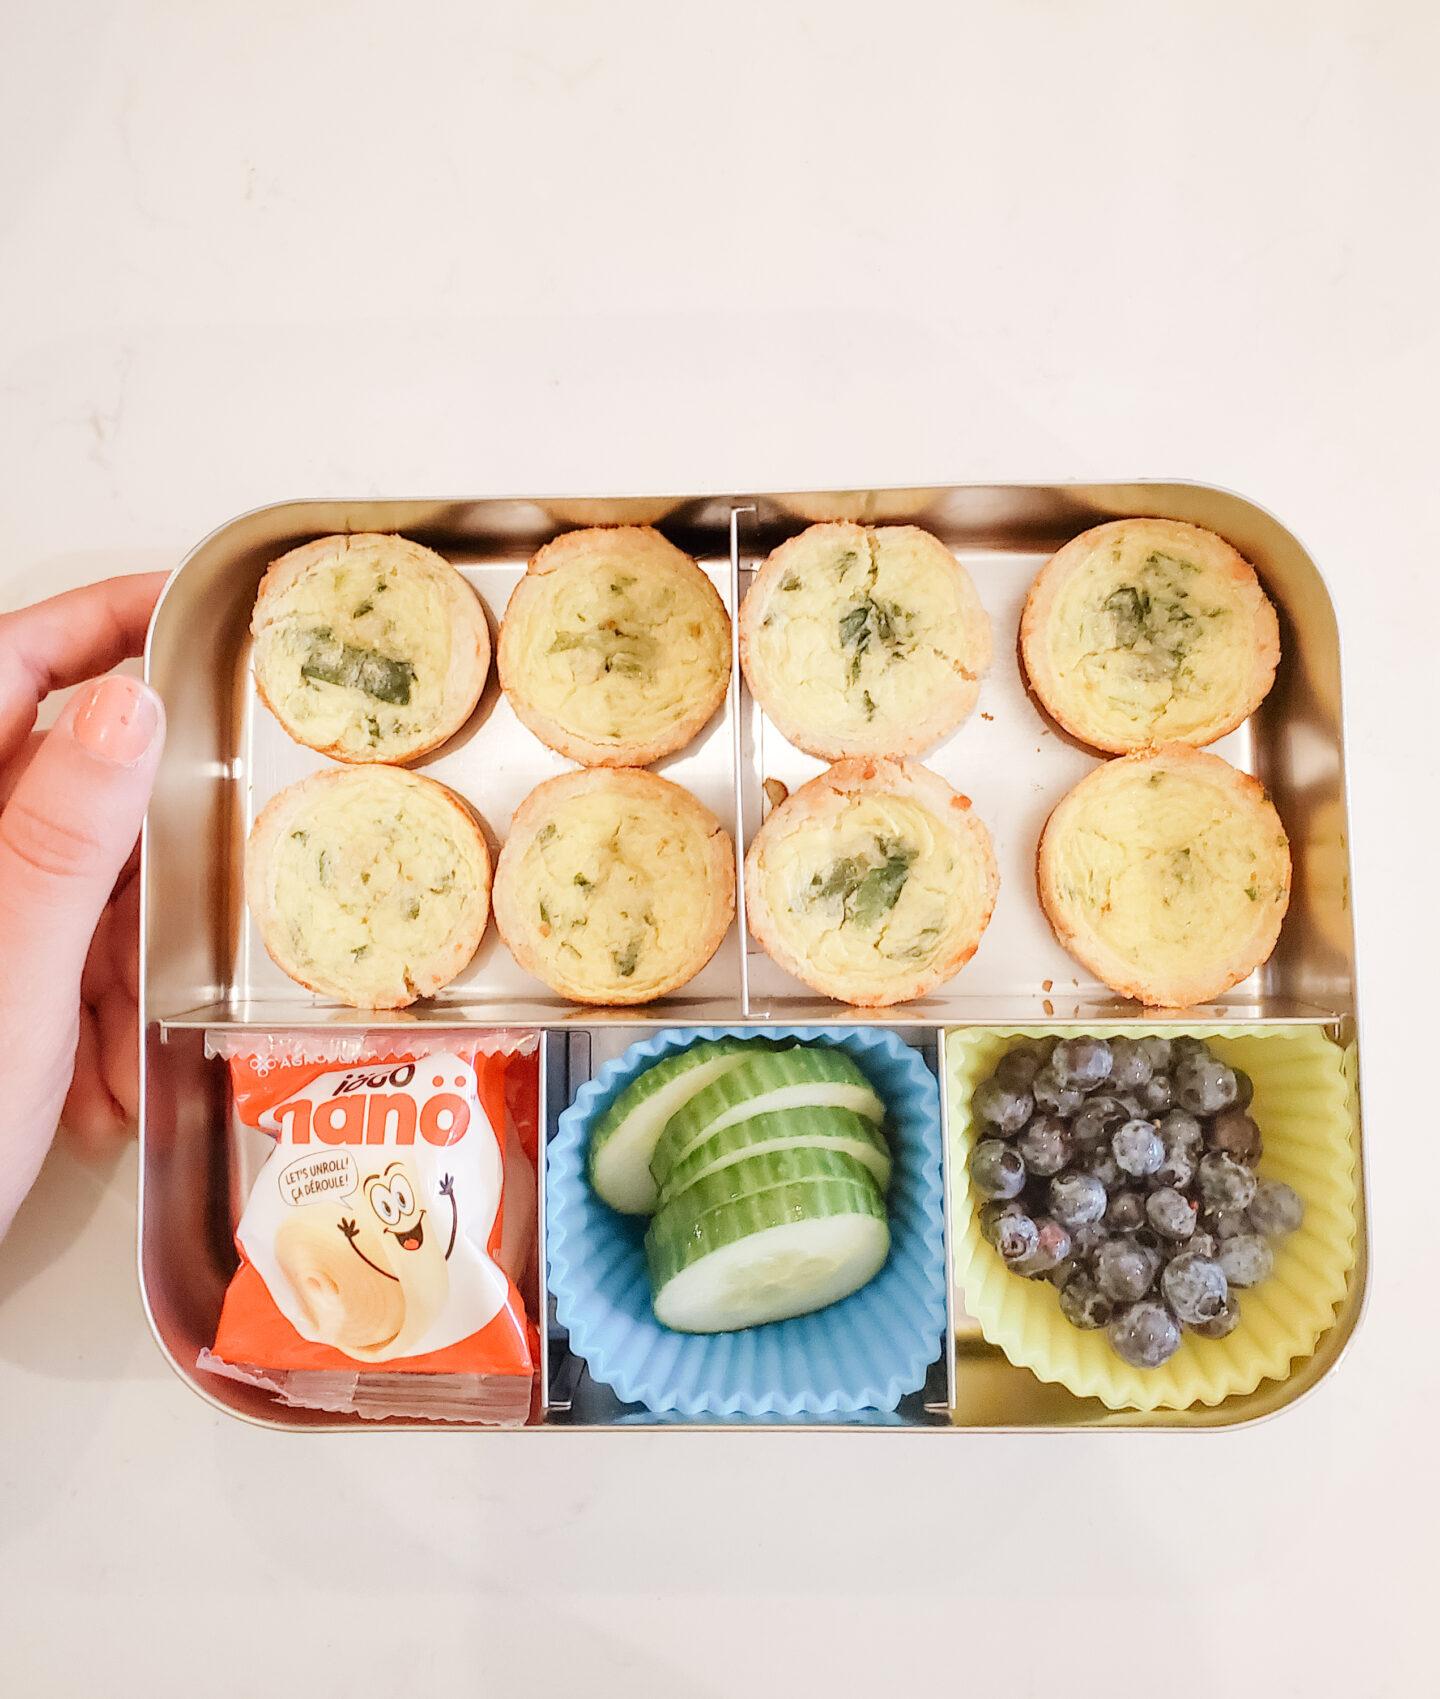 Lunchbox ideas - Allergen-free